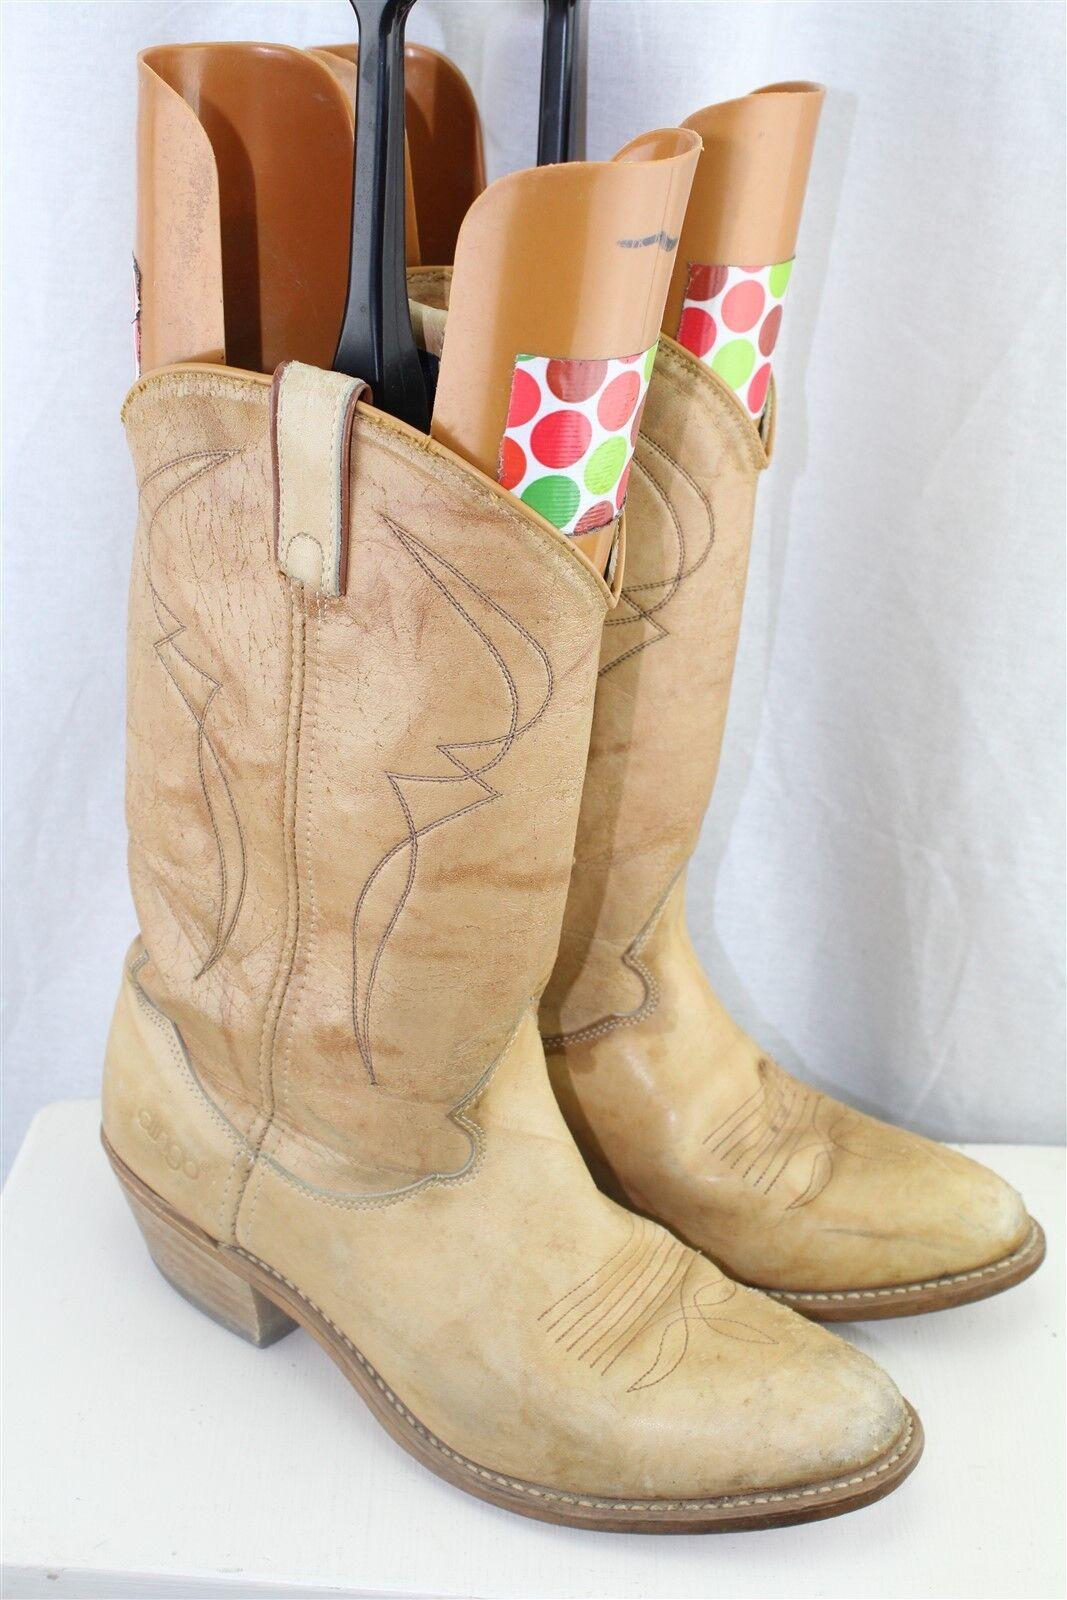 Acme Vintage Tan Leather 9.5 D Men's shoes Western Boots